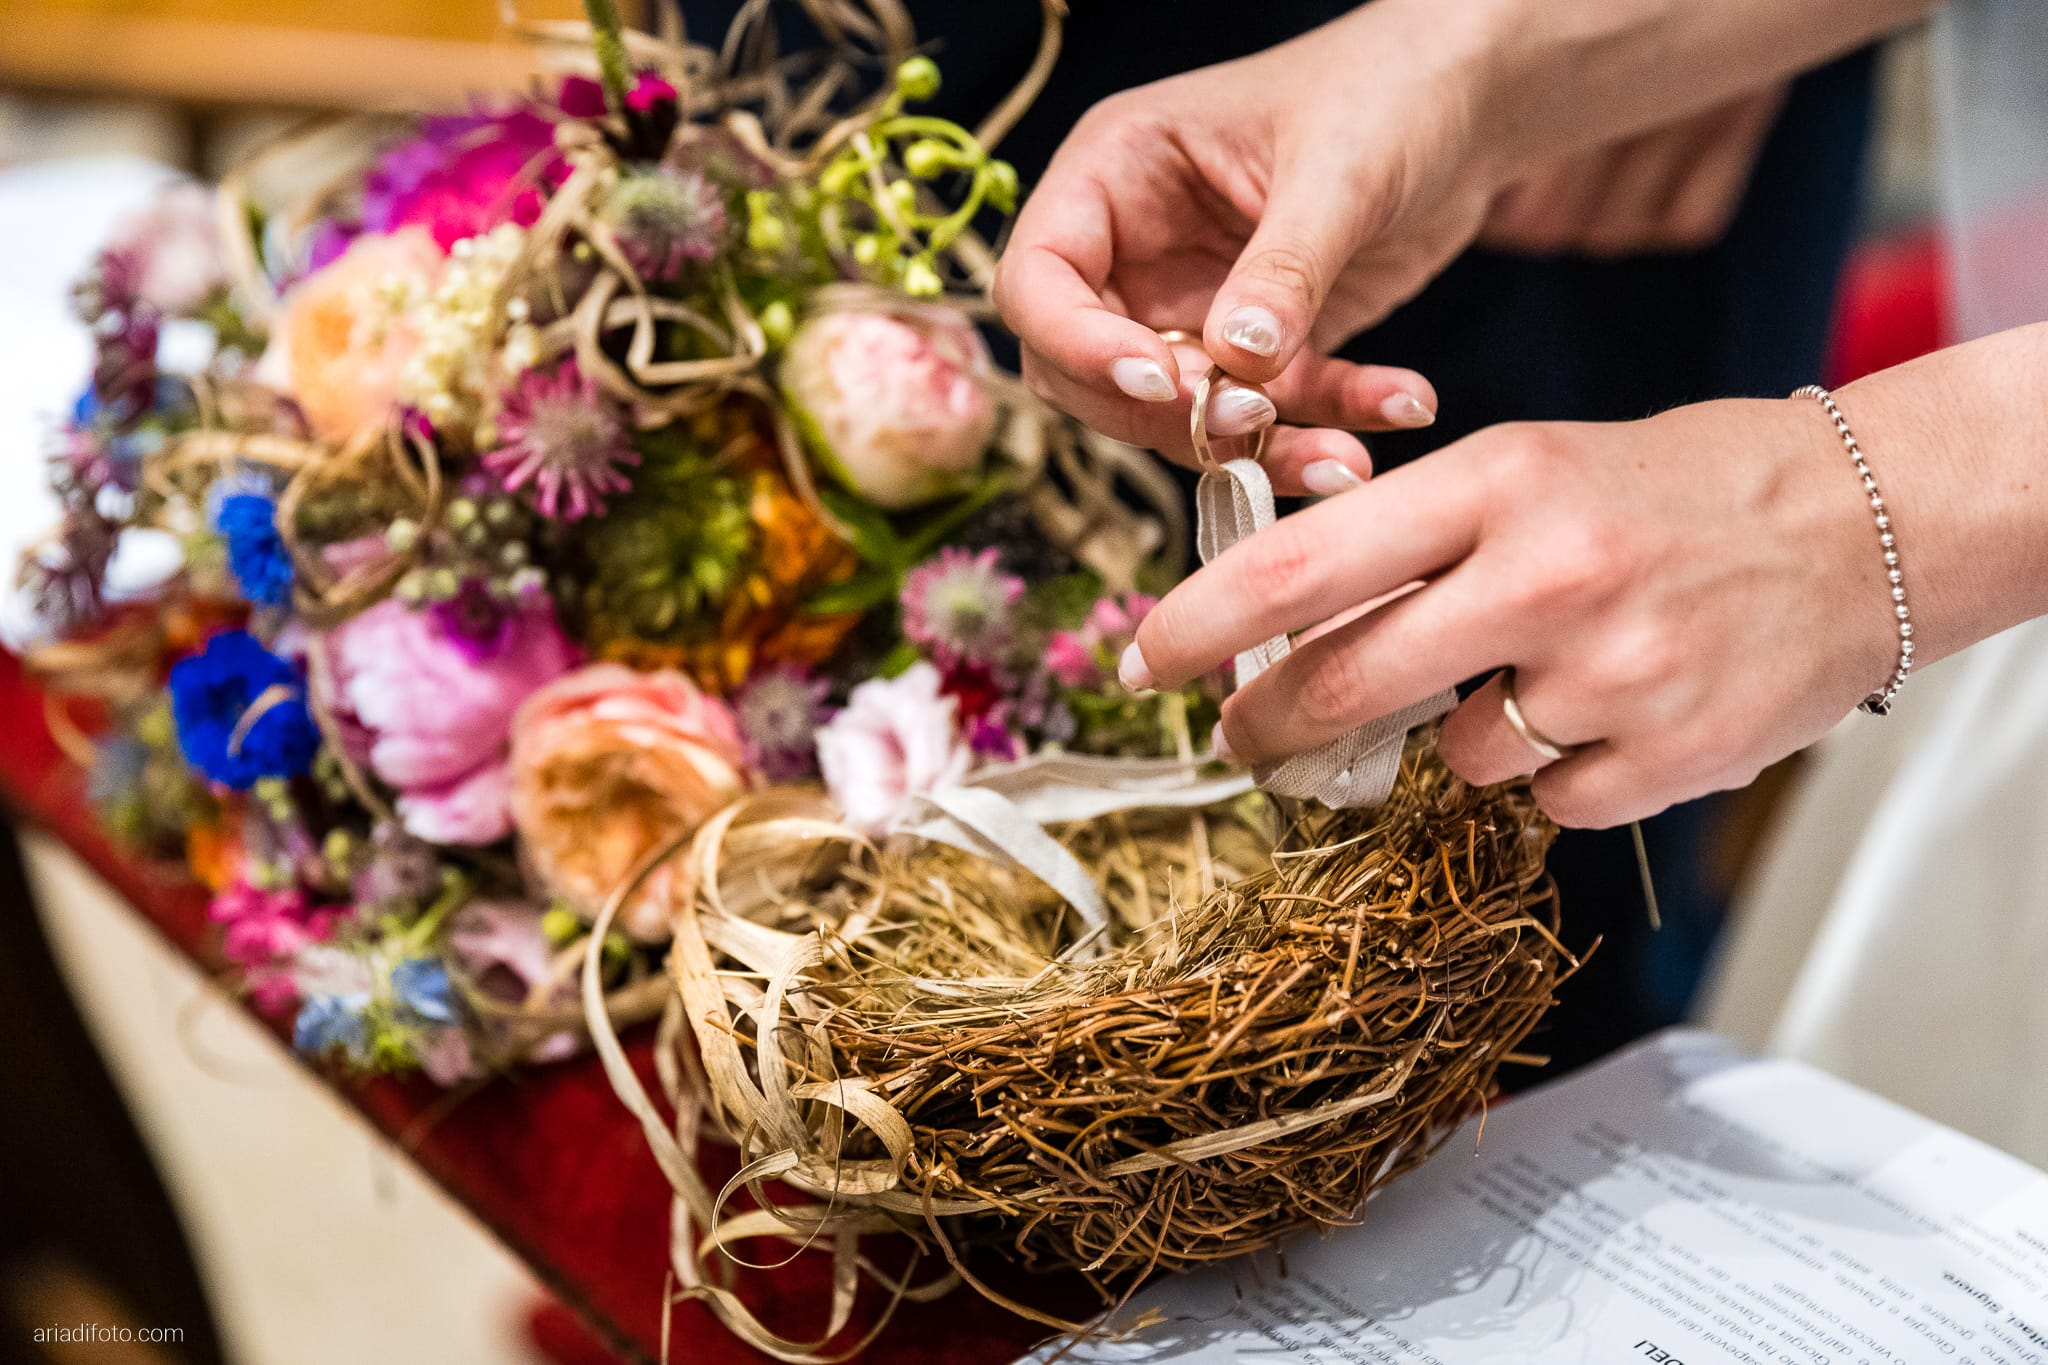 Giorgia Davide Matrimonio Chiesa Santa Maria Assunta Muggia Vecchia Trieste Baronesse Tacco San Floriano Del Collio Gorizia cerimonia promesse scambio degli anelli